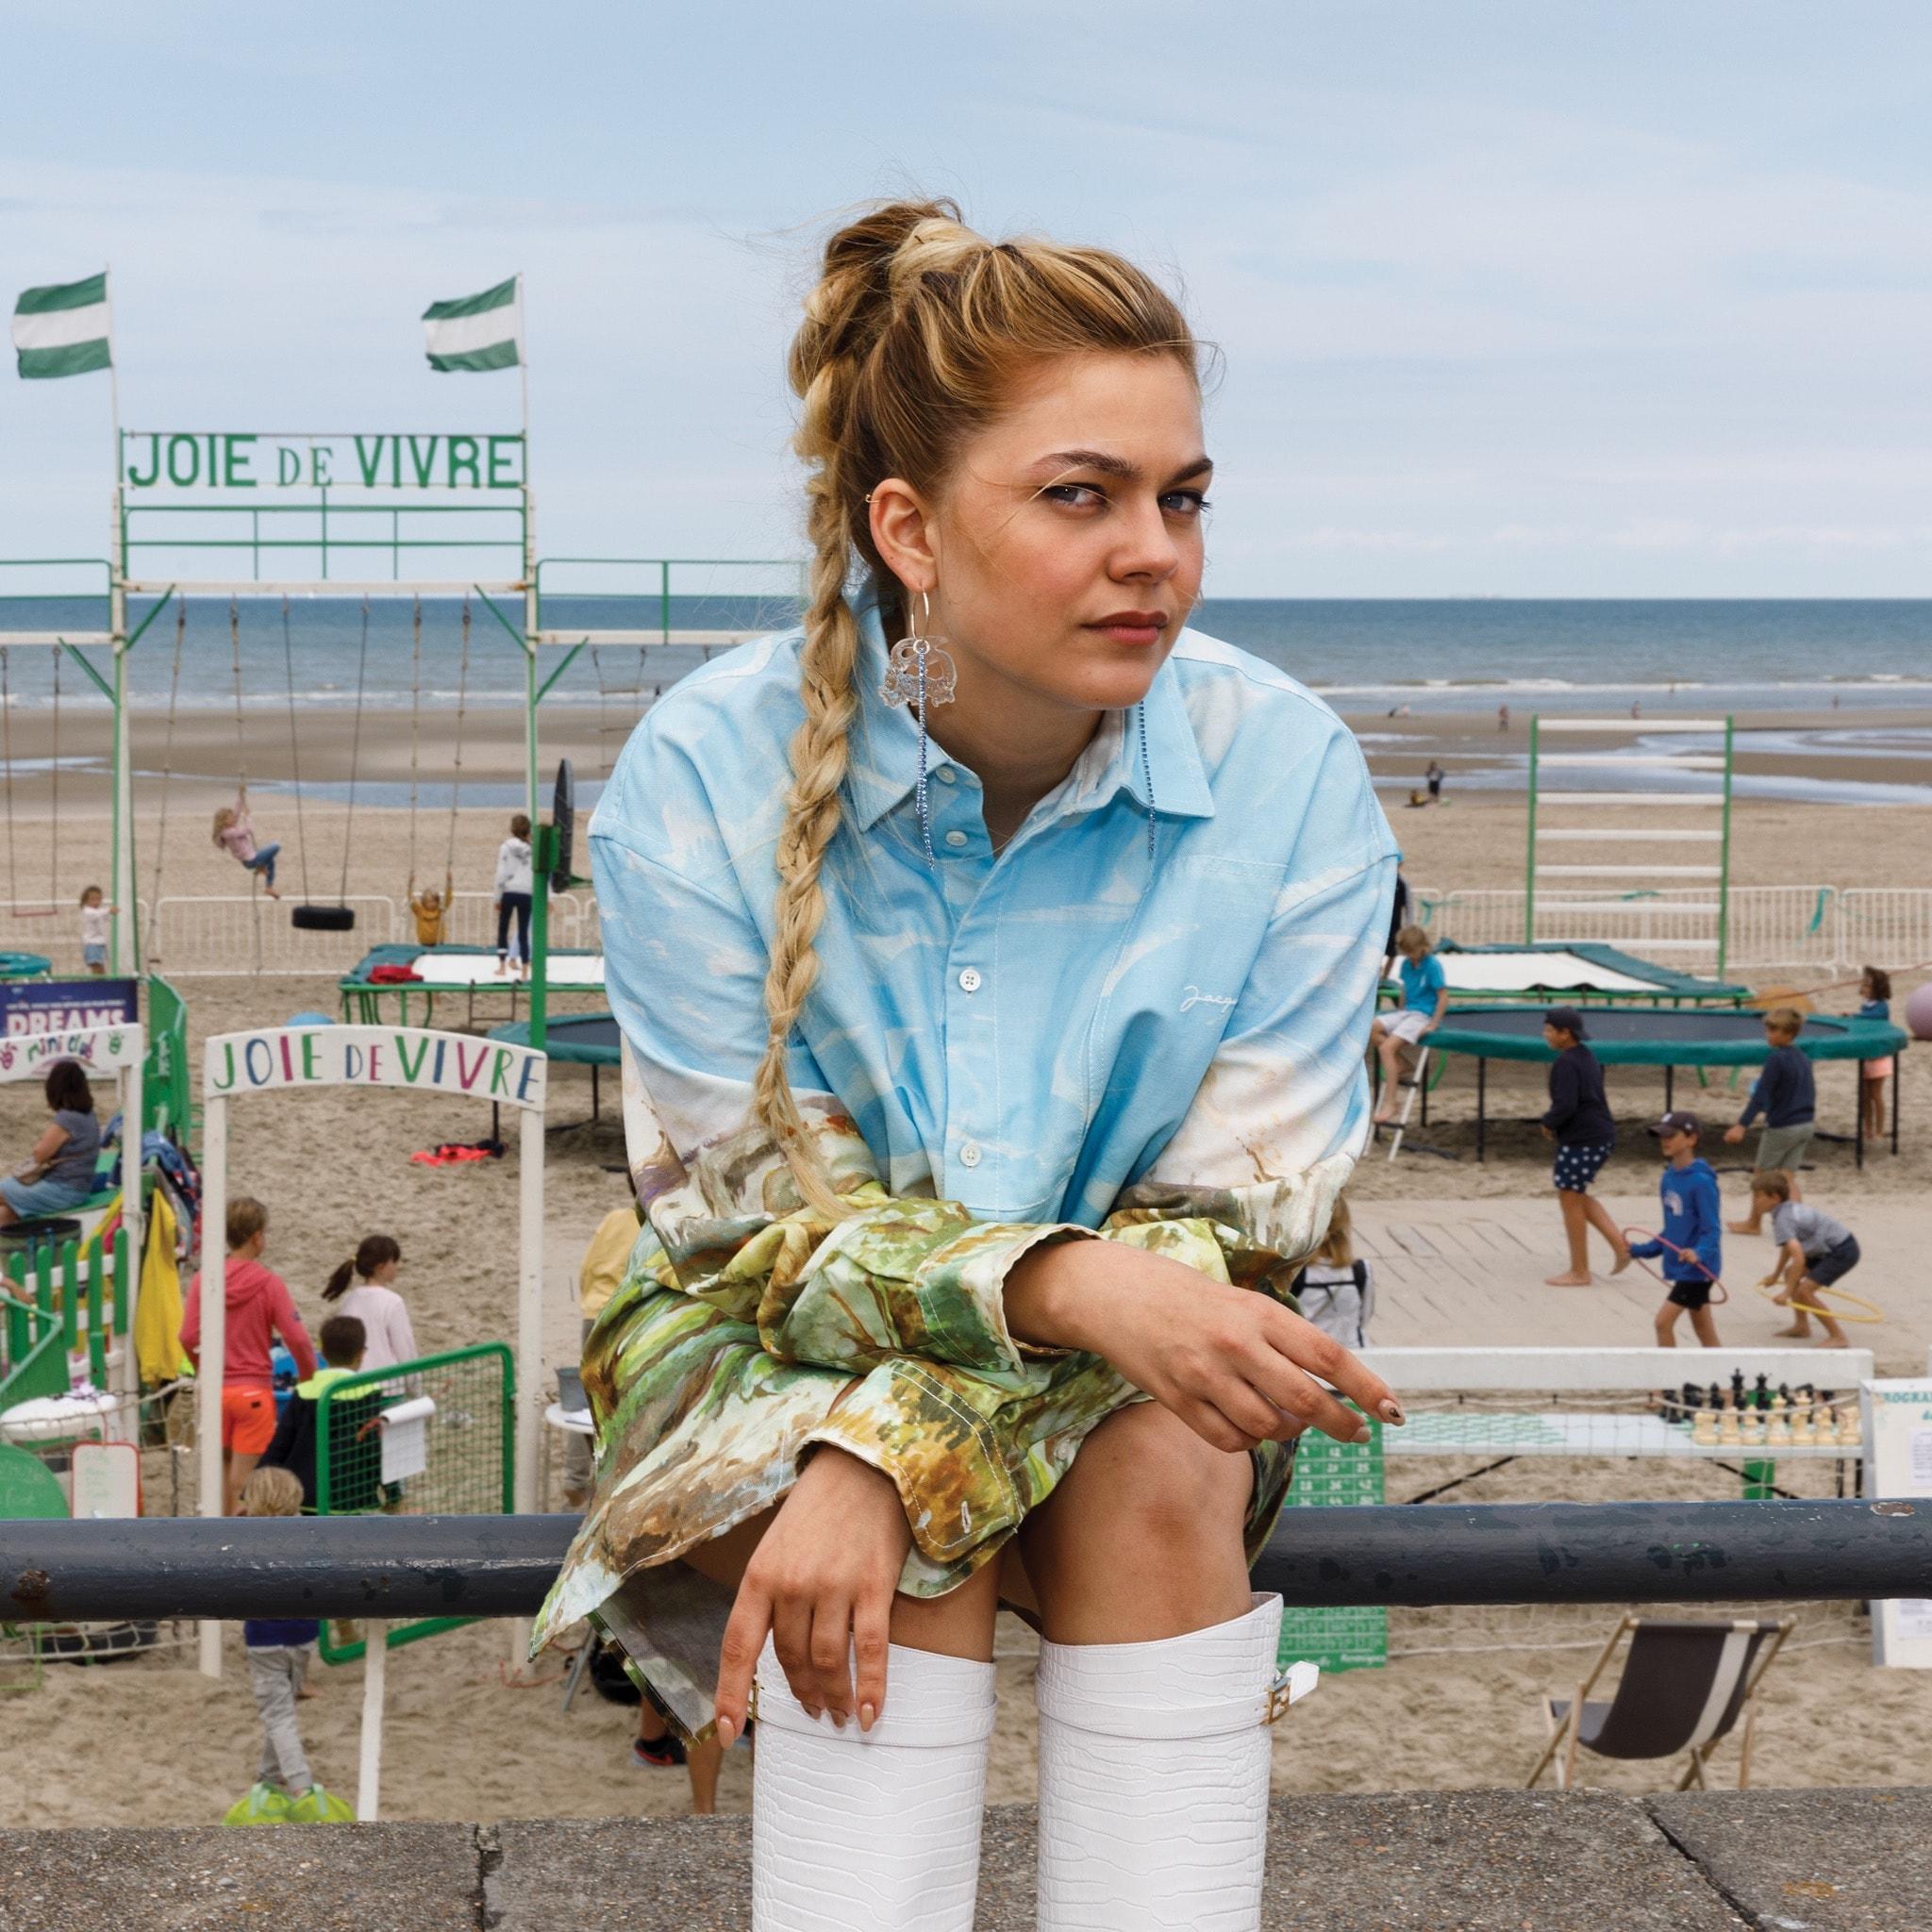 """Louane - image album musique """"Joie de vivre"""""""